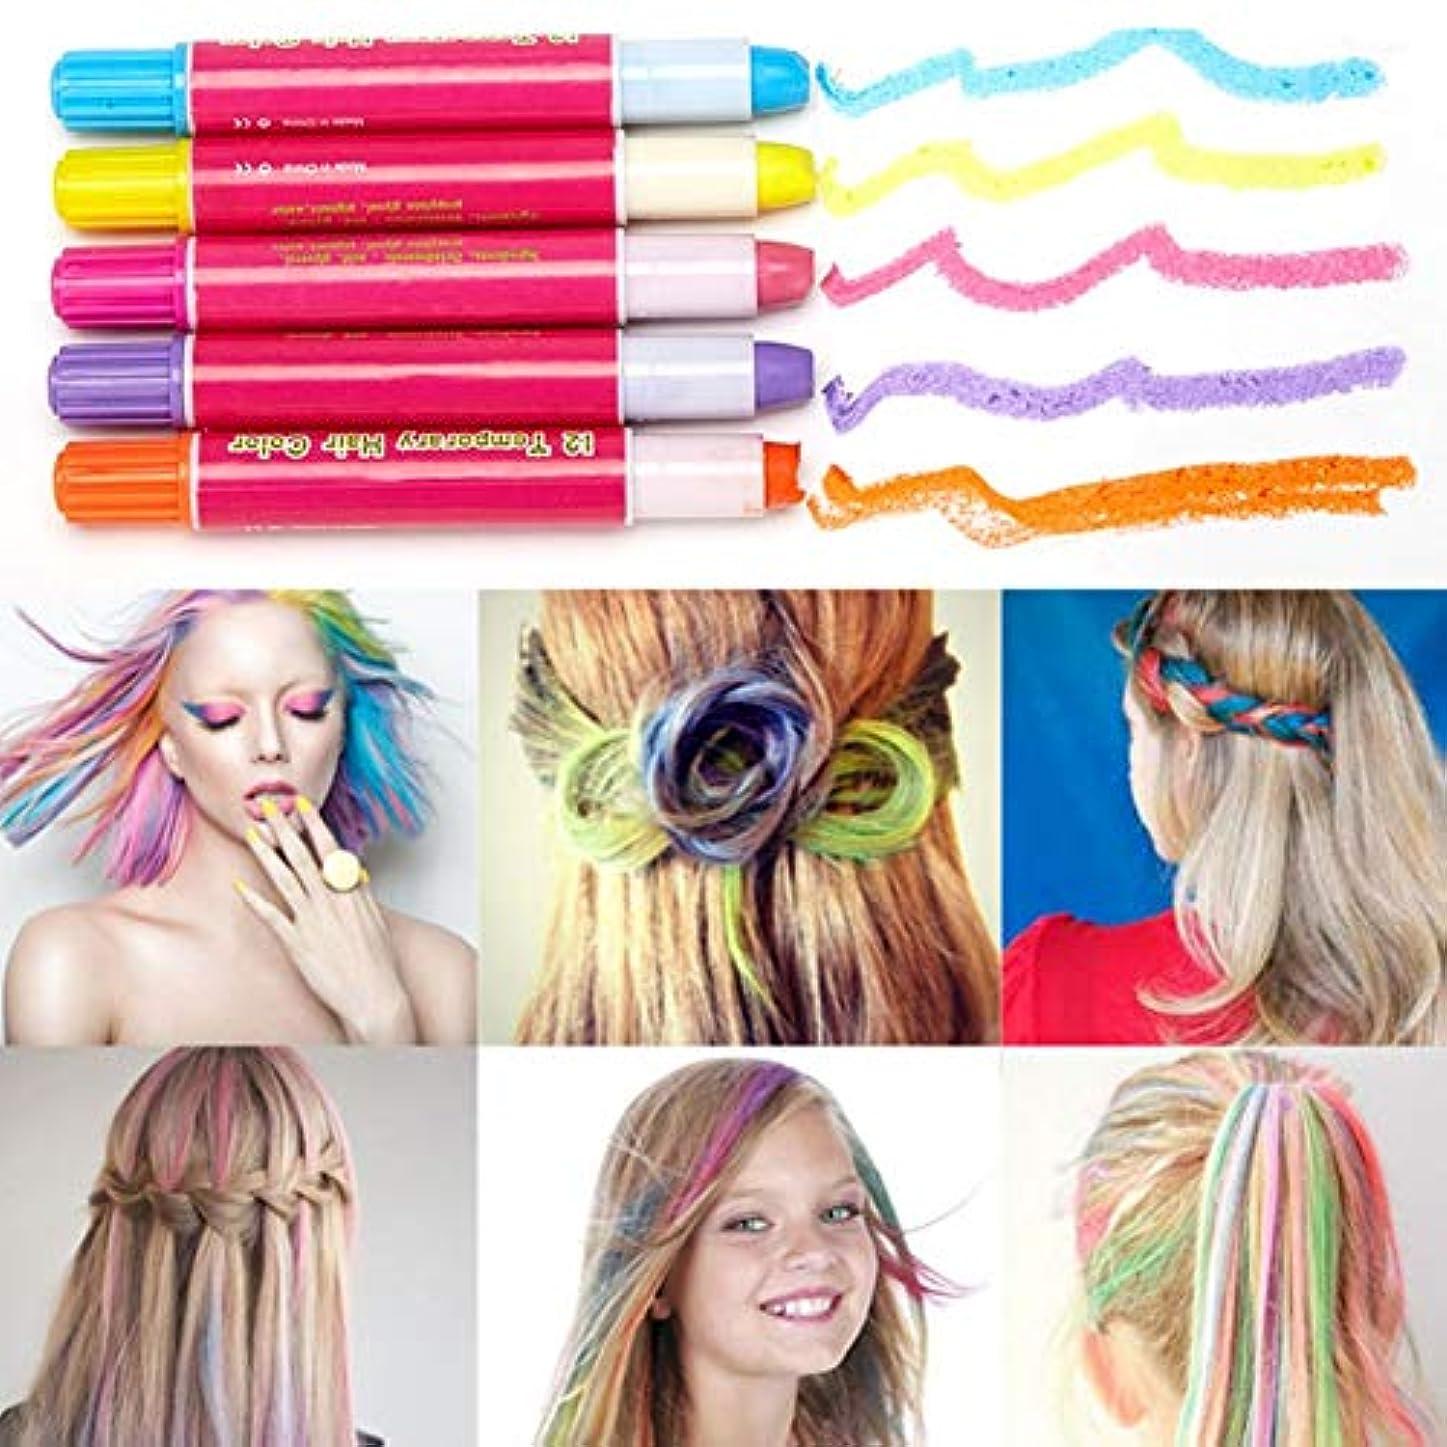 見込み八百屋さんタイルヘアチョーク ヘアチョークペン おしゃれ染め 一時的の髪染め簡易髪染 スティック ヘアダイペン 12色 クレヨンセット Cutelove